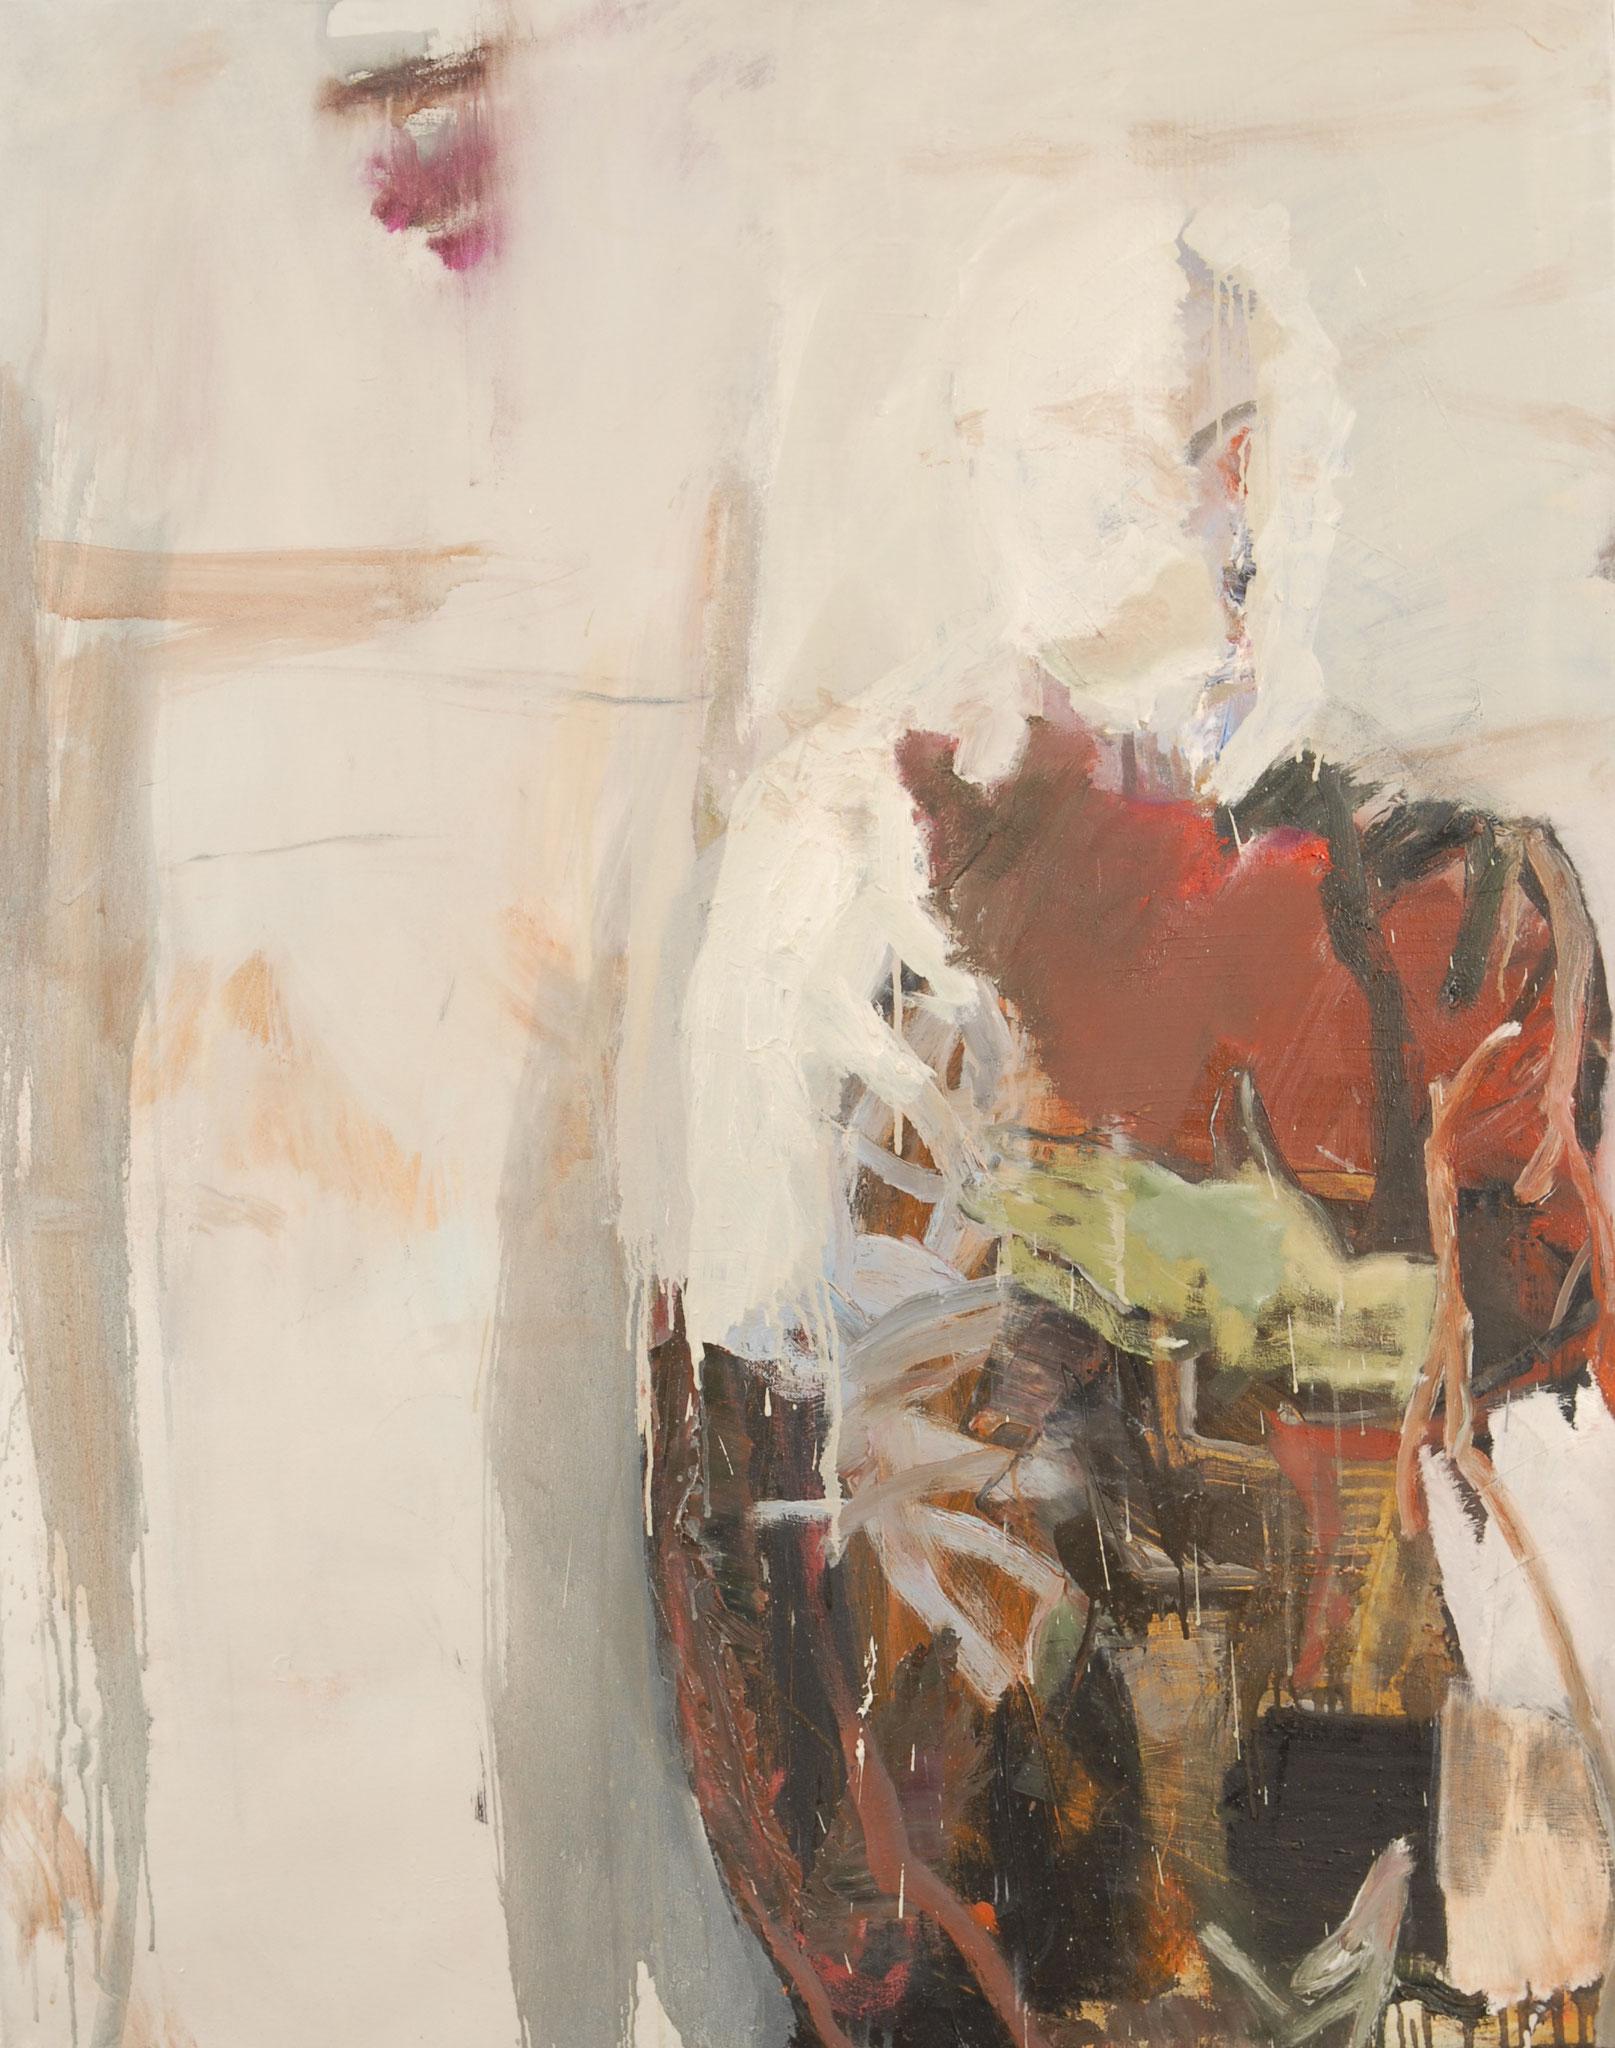 33  |  Ohne Titel  |  2016  |   Öl auf Leinwand  |   125 x 100 cm